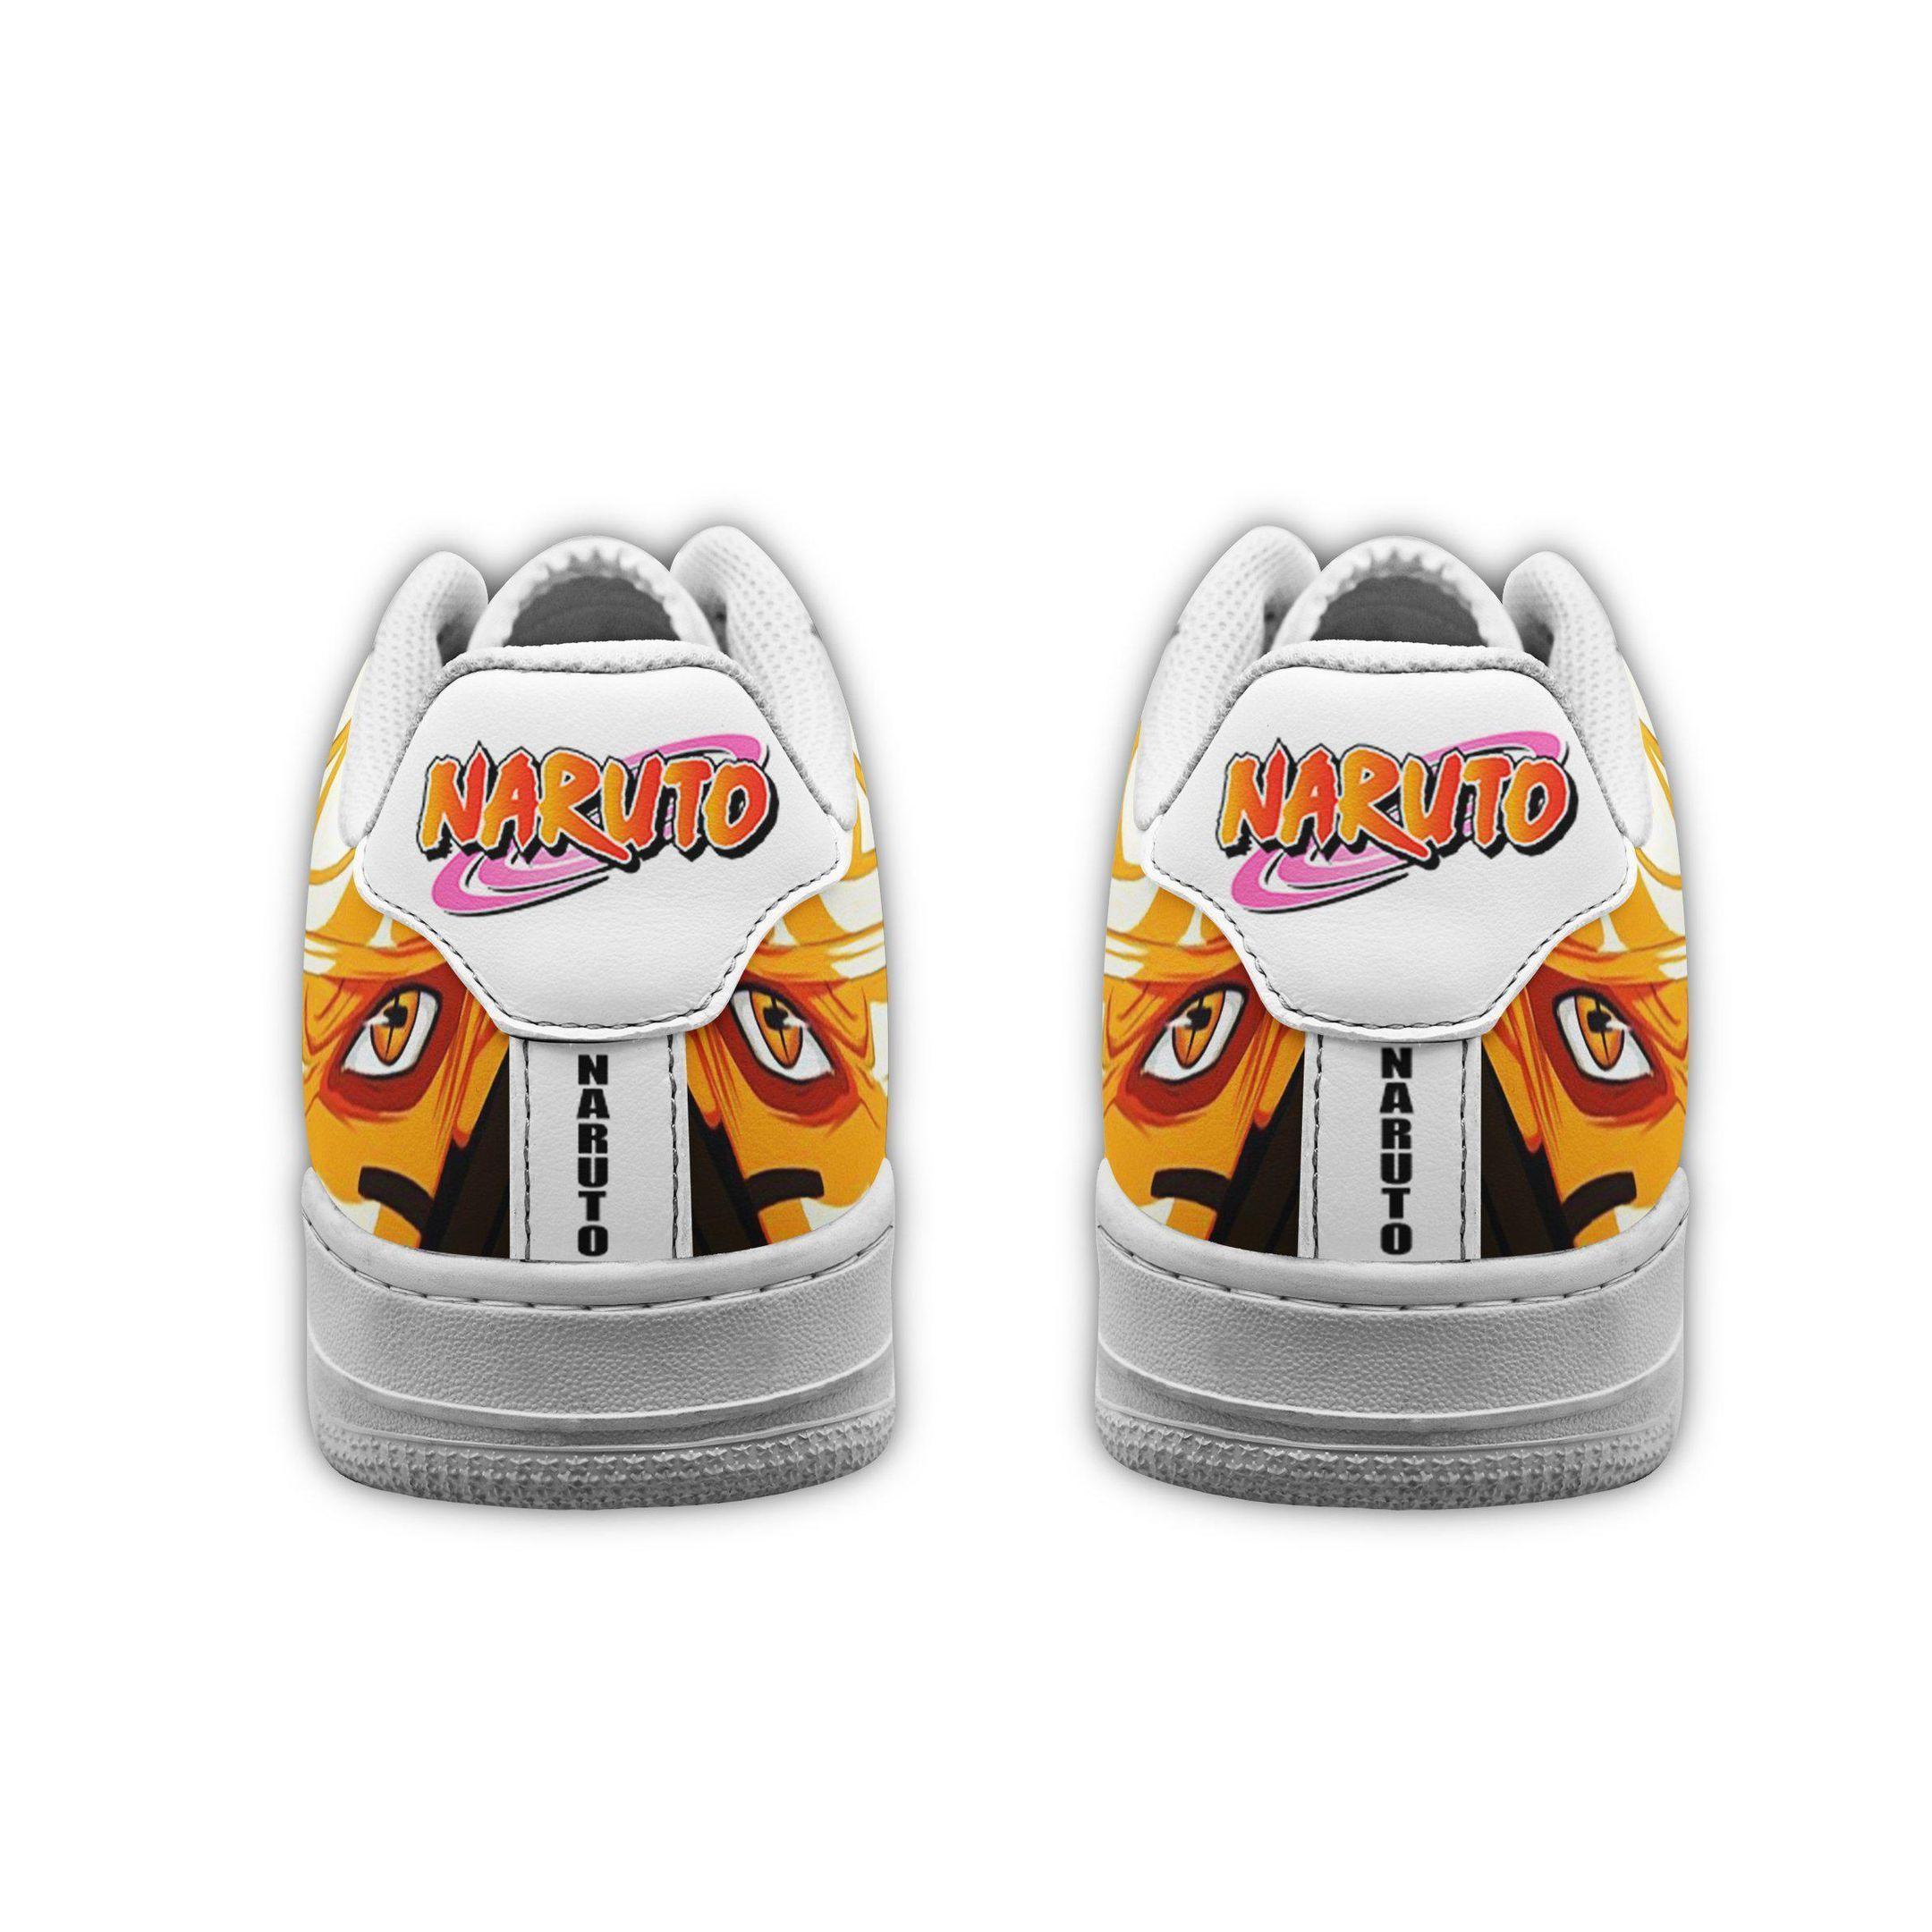 Naruto Bijuu Sage Eyes Air Shoes Naruto Anime Shoes GO1012